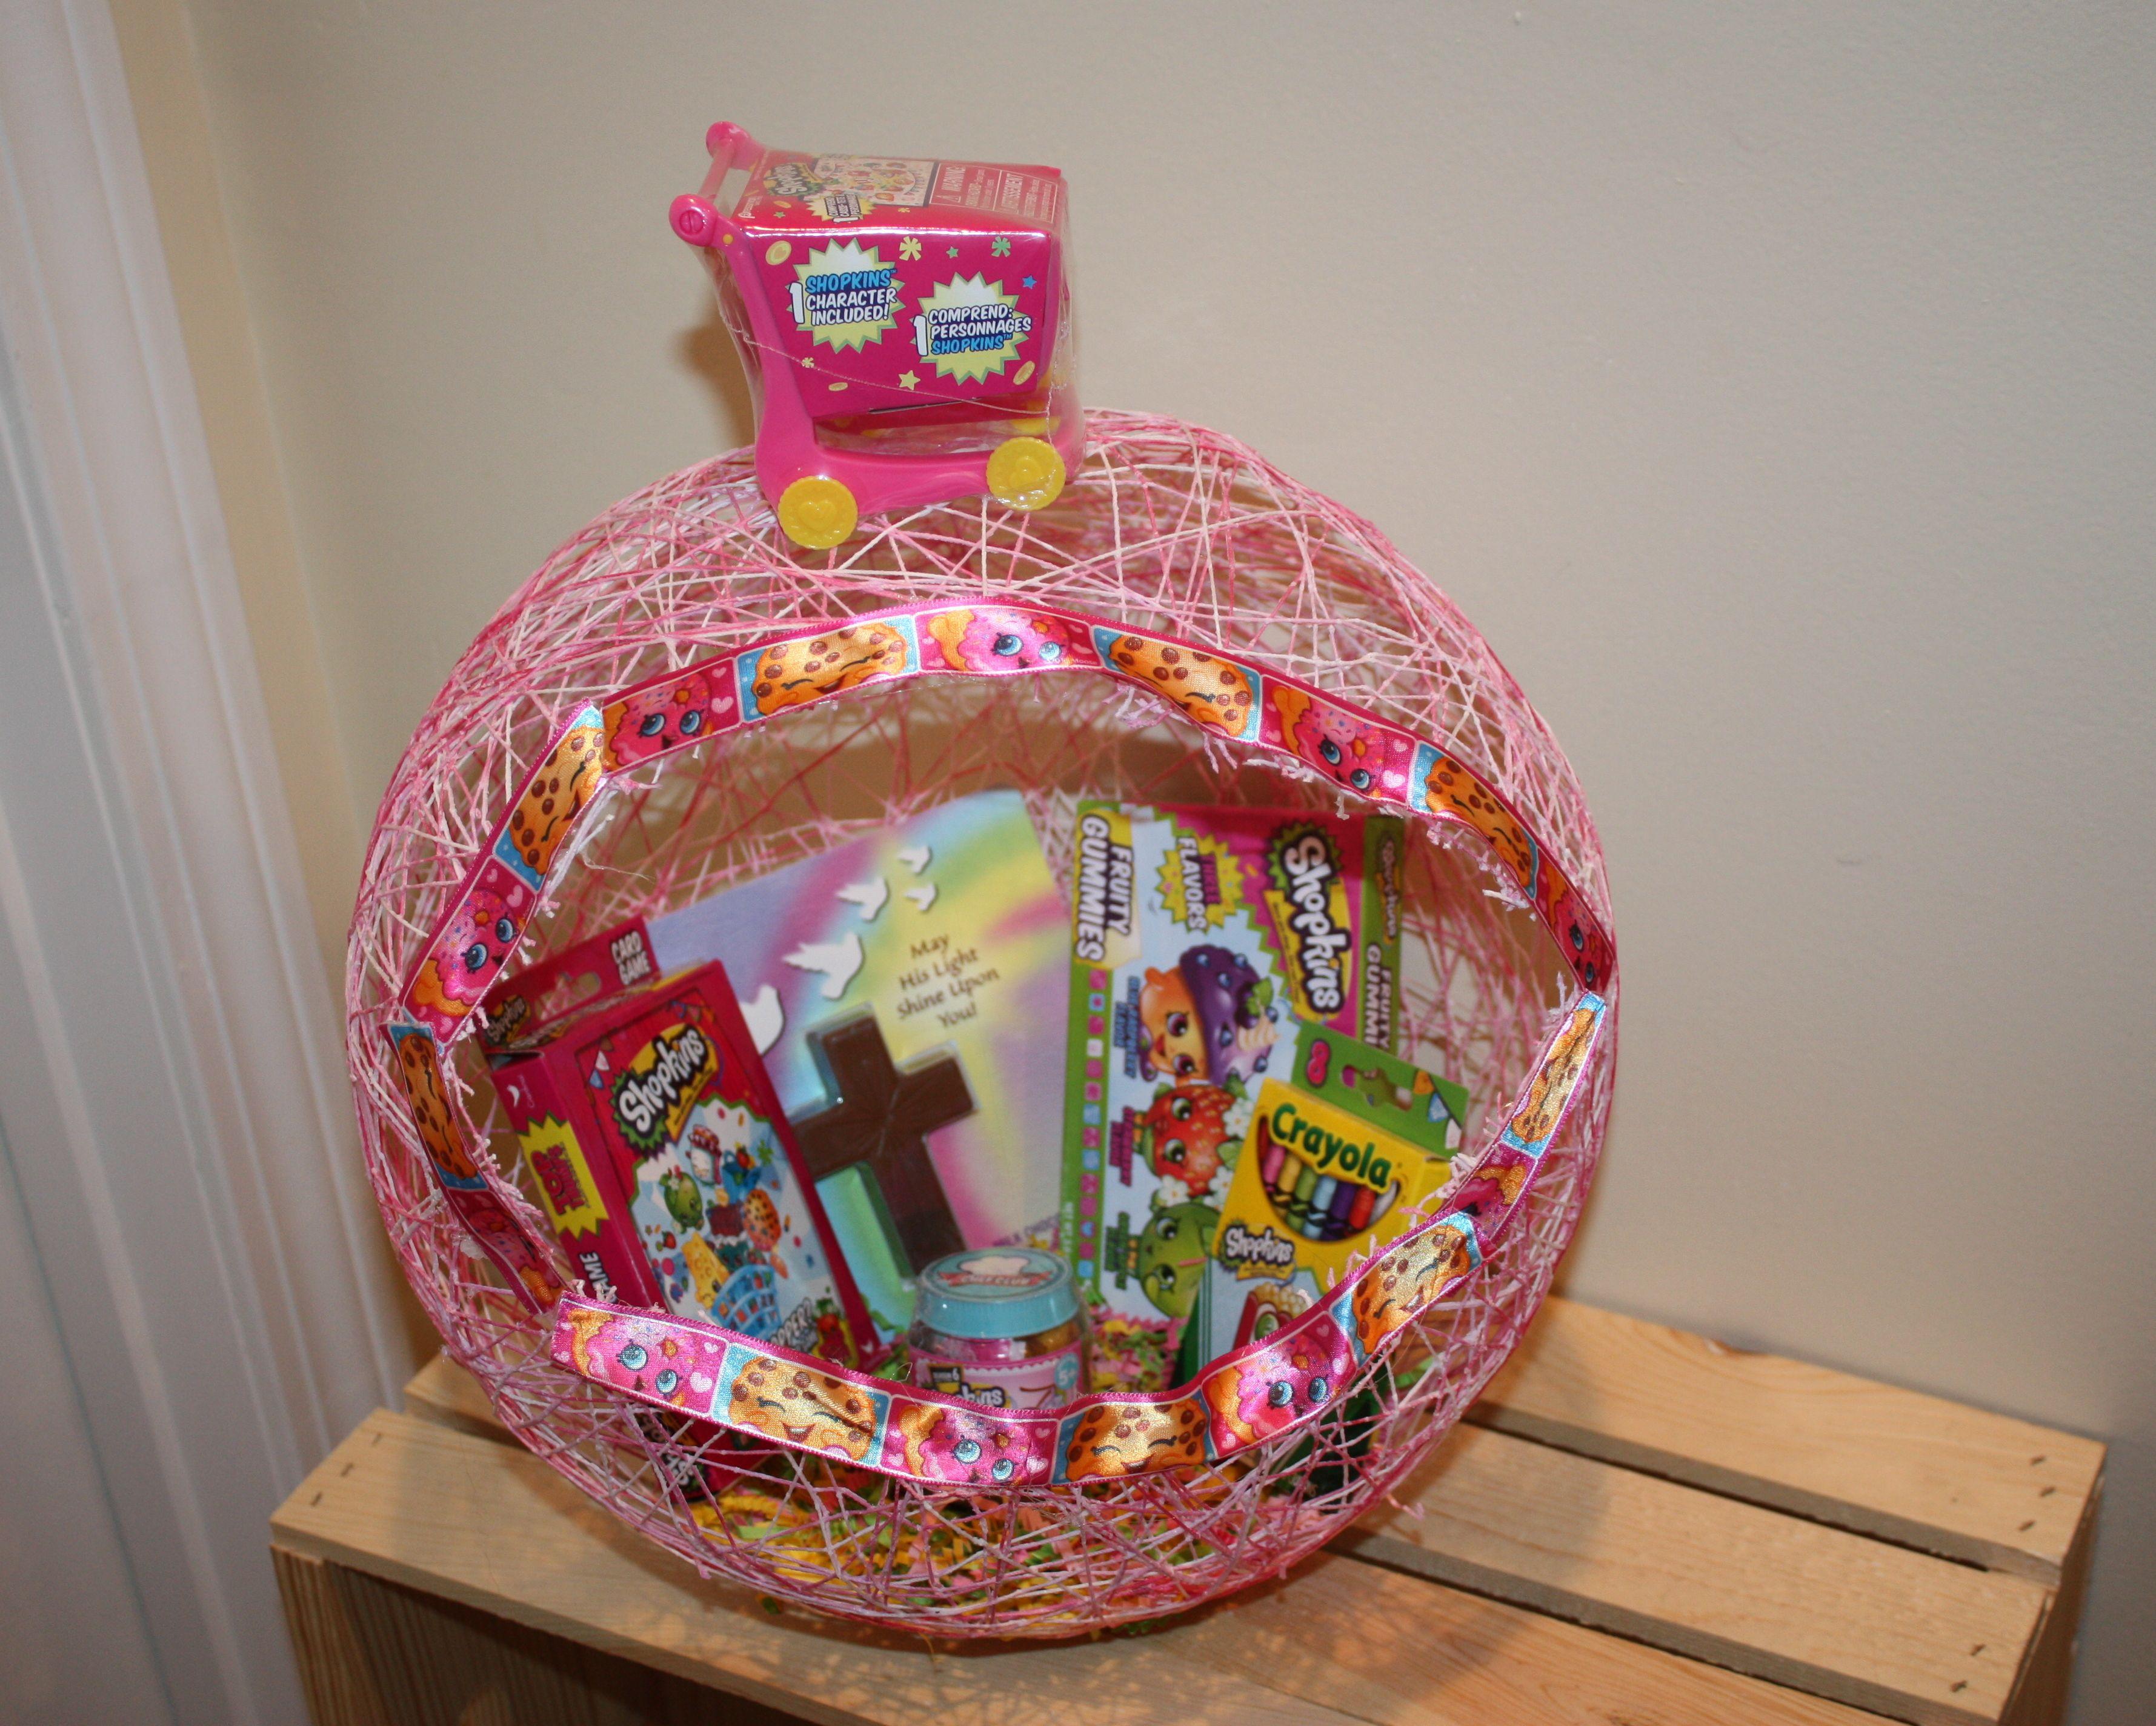 Shopkins string easter basket i made for my niece easter baskets shopkins string easter basket i made for my niece negle Images